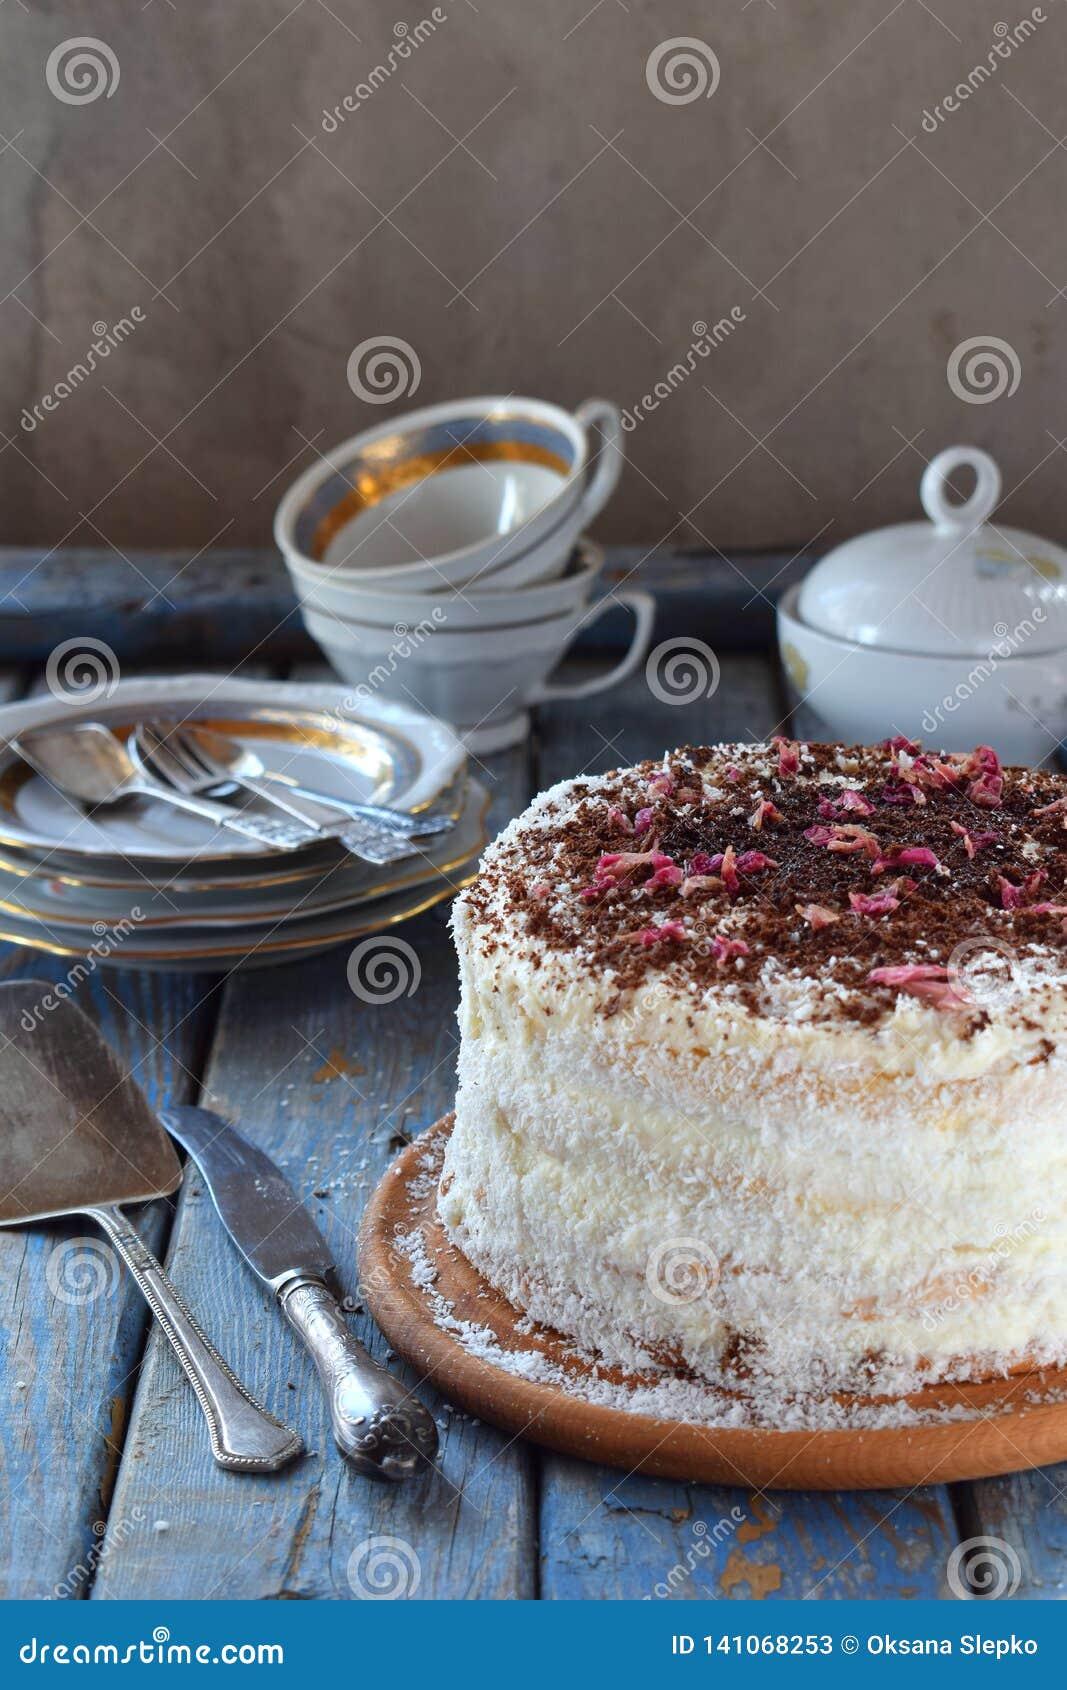 Köstliche Kokosnusstorte - Keks und Creme auf der Kokosnusscreme, verziert mit Schokoladenraspel und den kandierten rosafarbenen